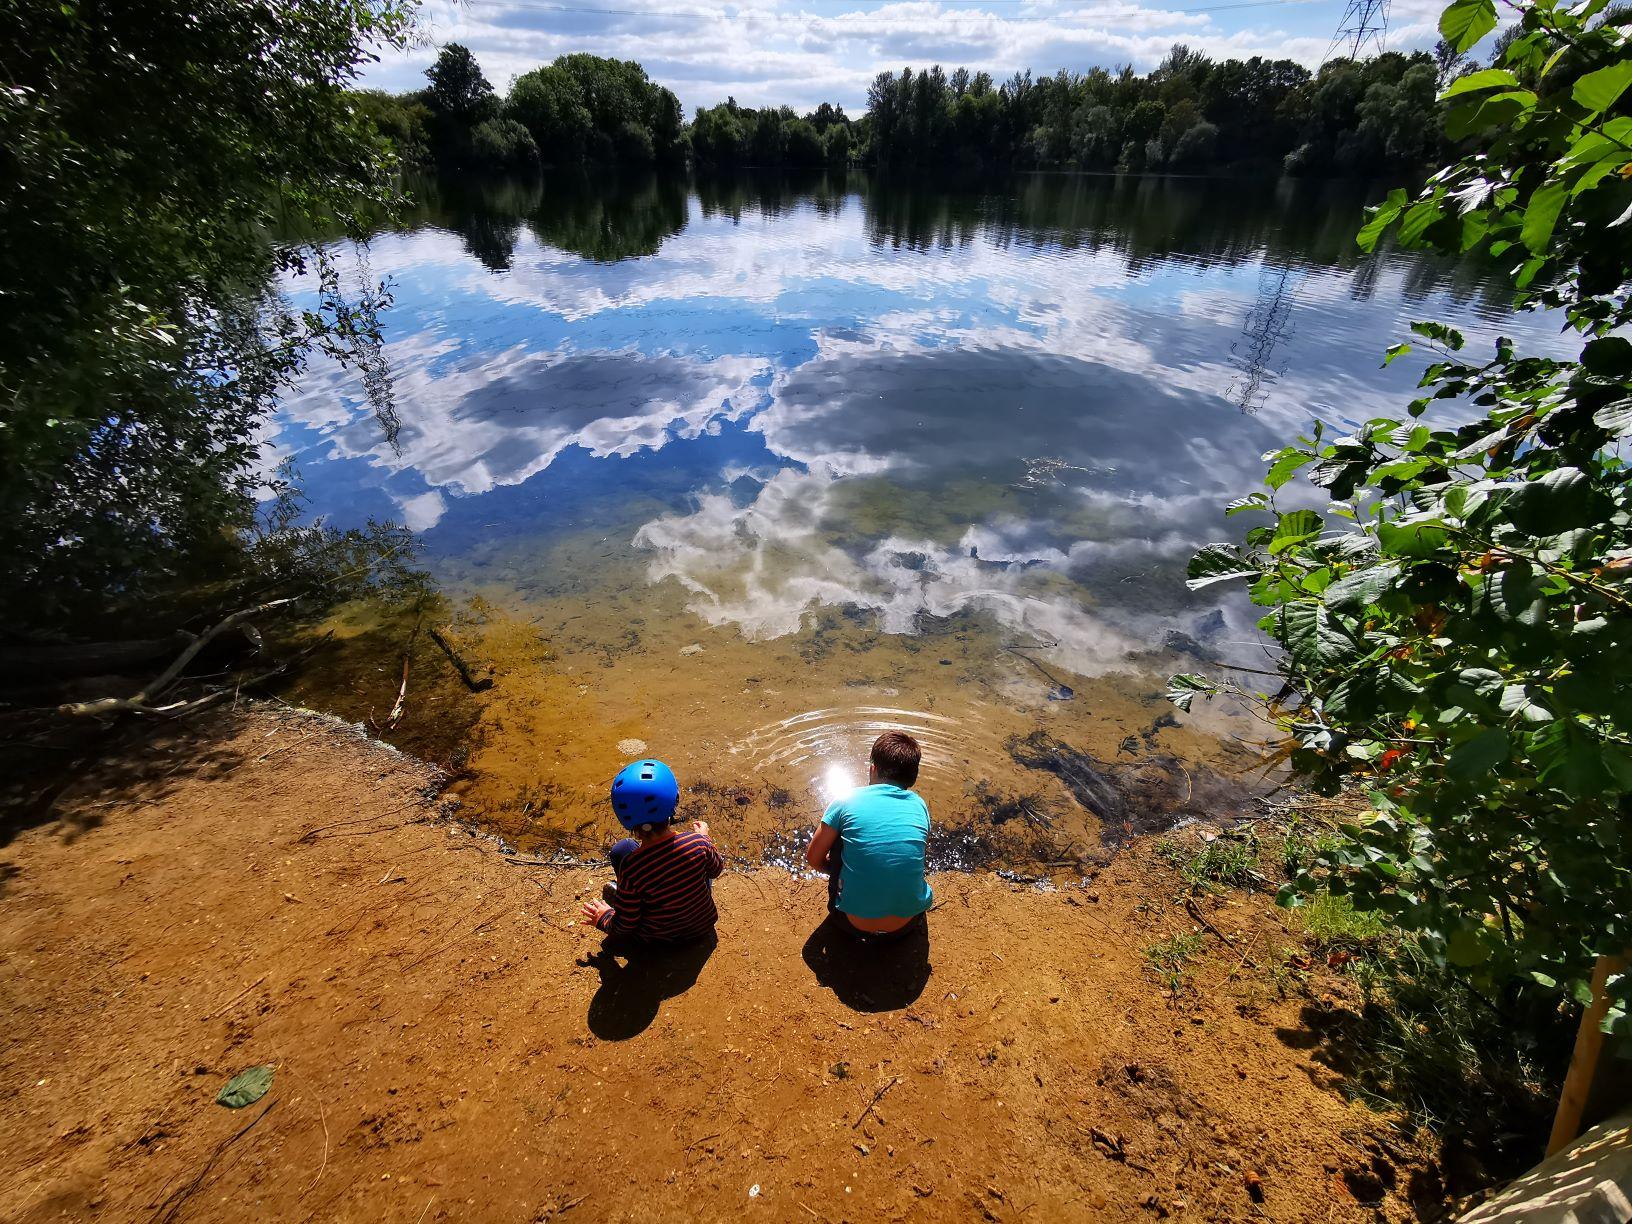 Tiddenfoot waterside park